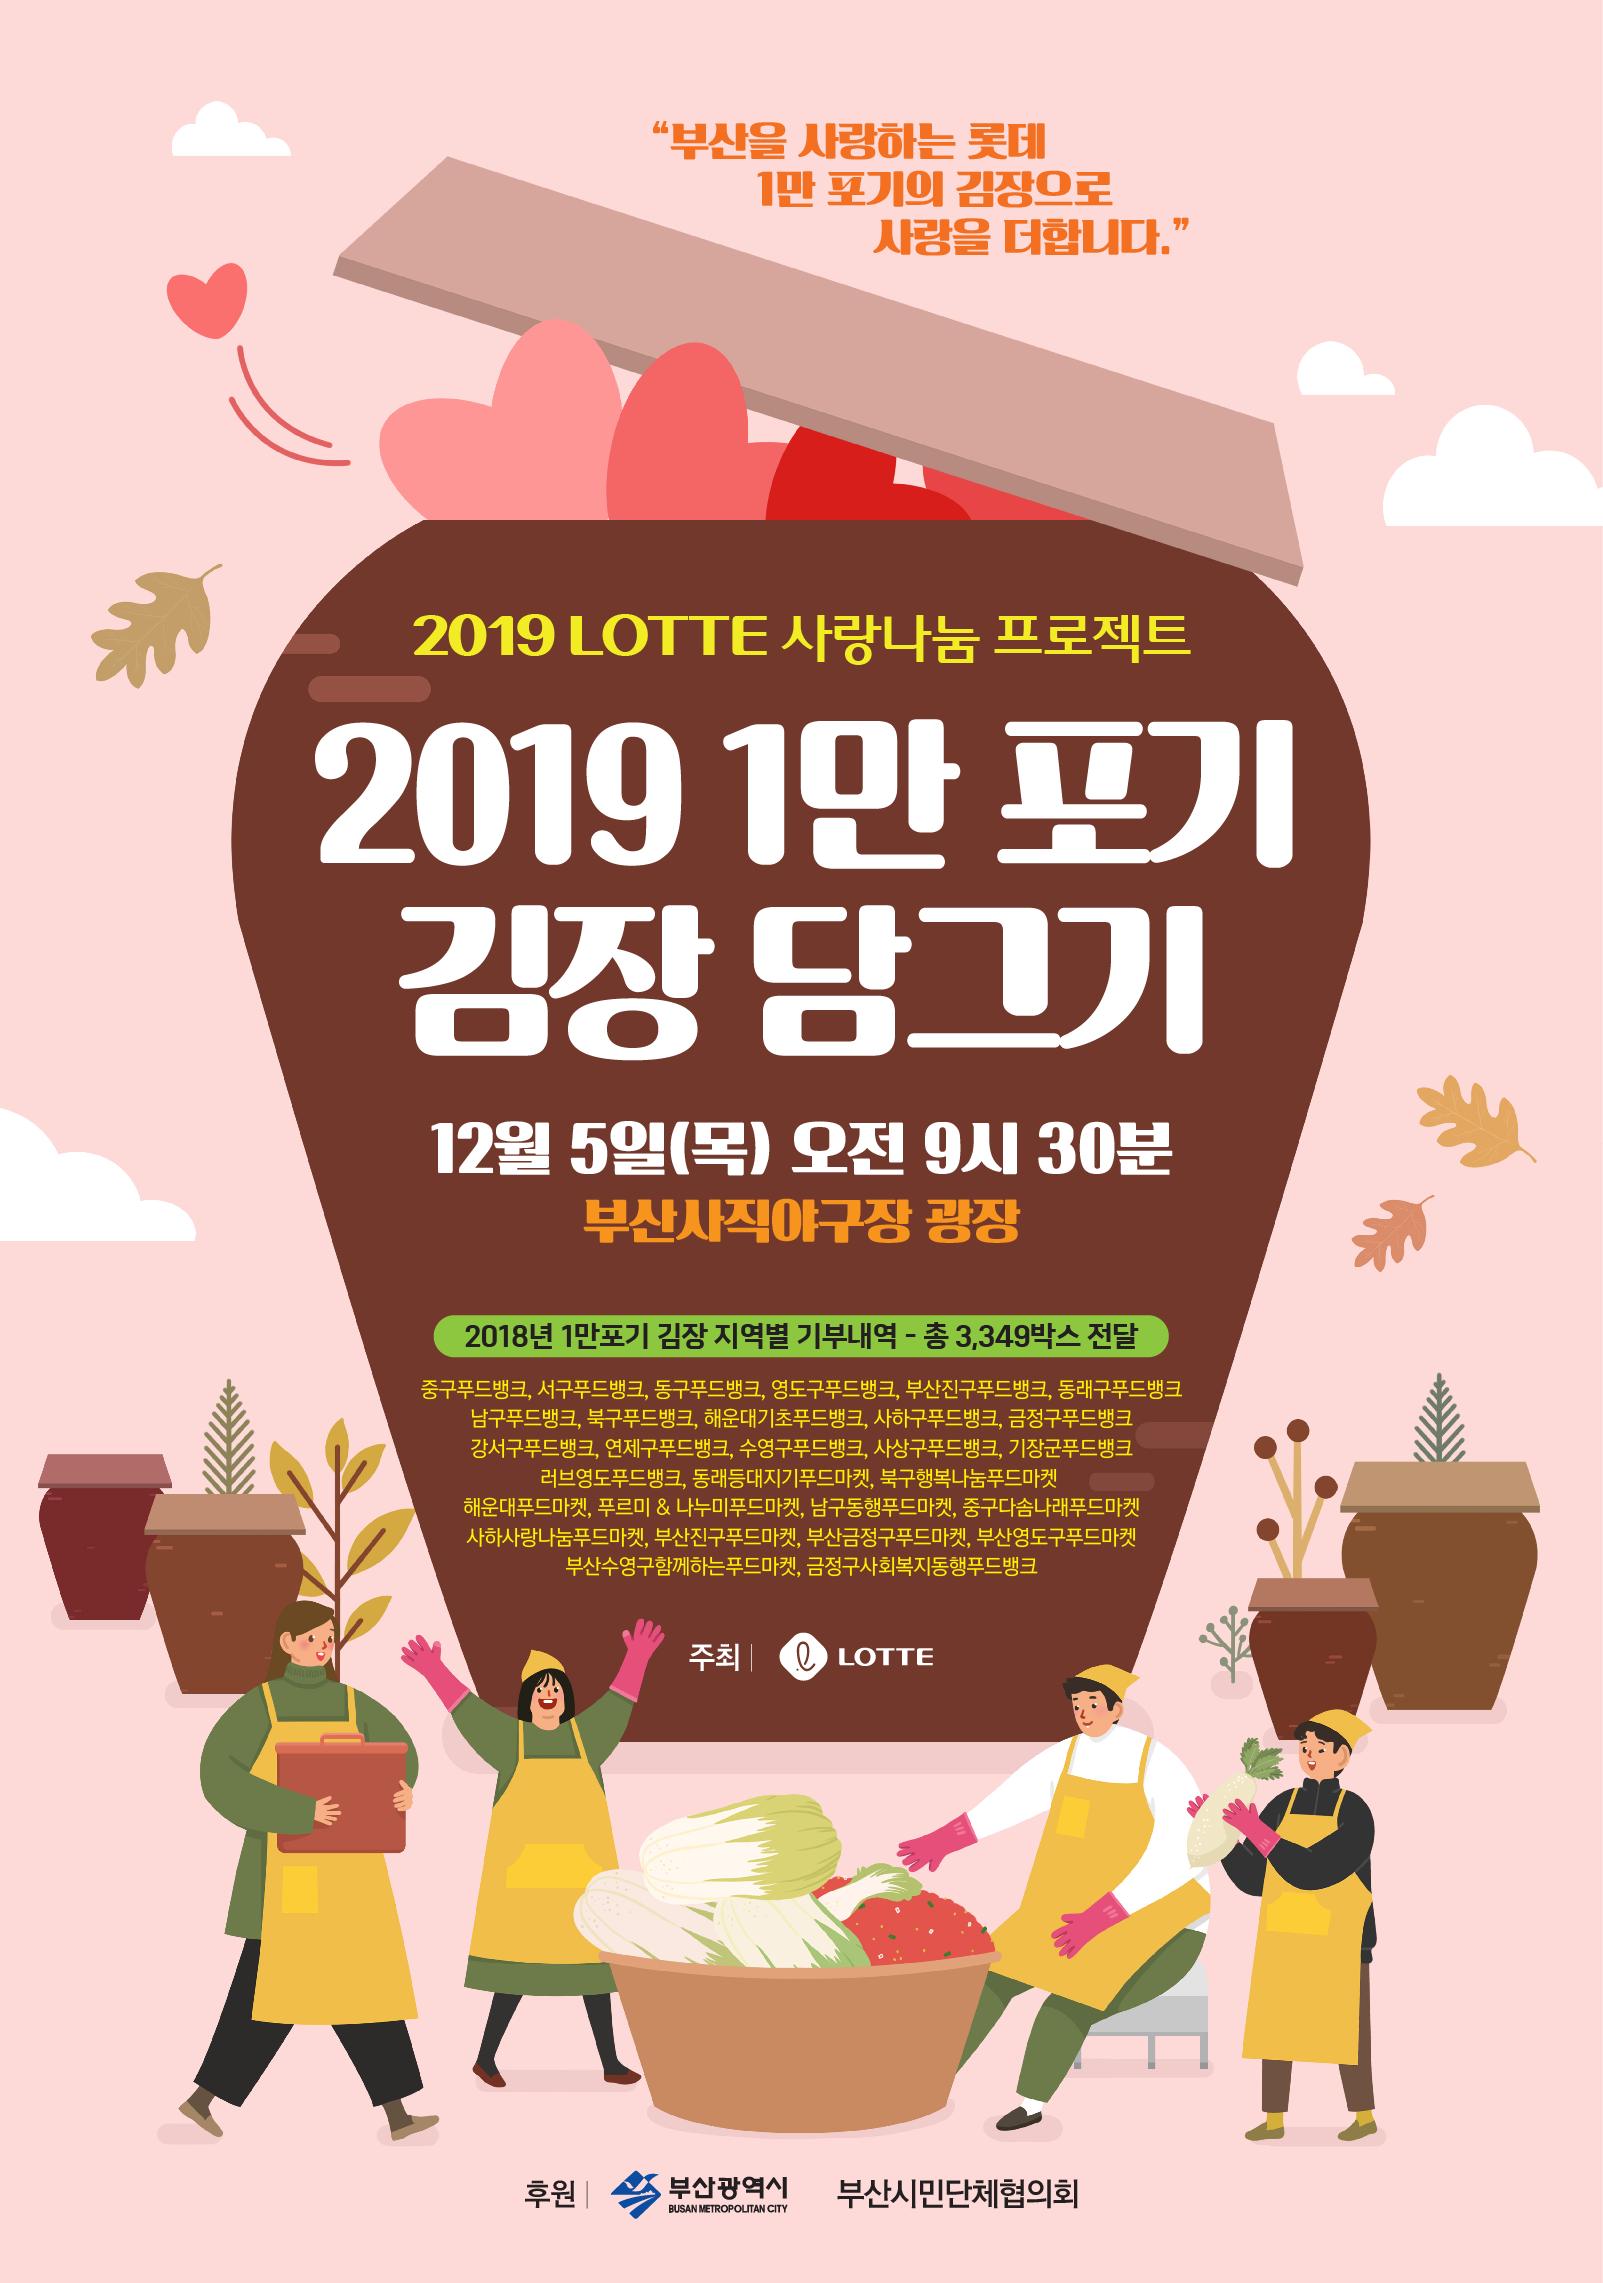 2019 롯데부산 김장행사 포스터.jpg.png